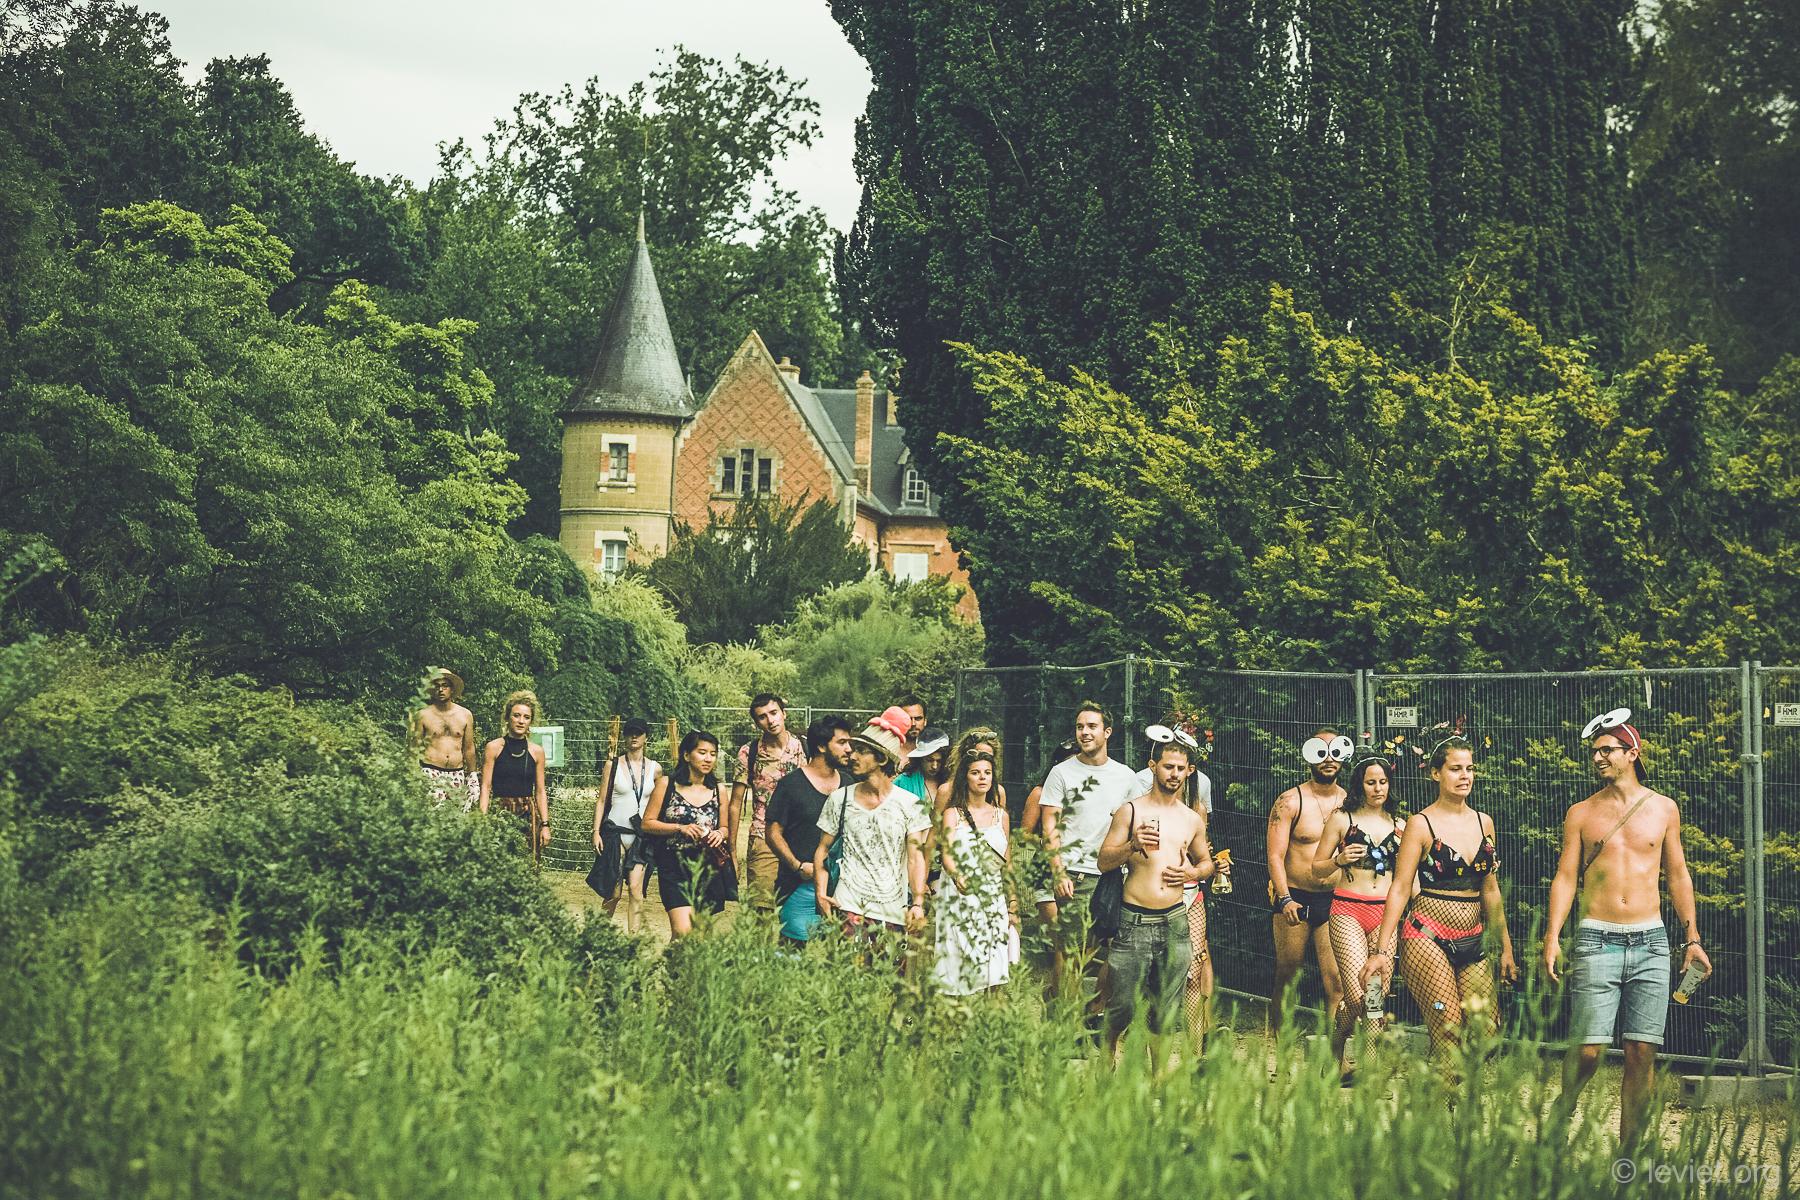 ChateauPerche-Fest19-LeVietPhotography-0